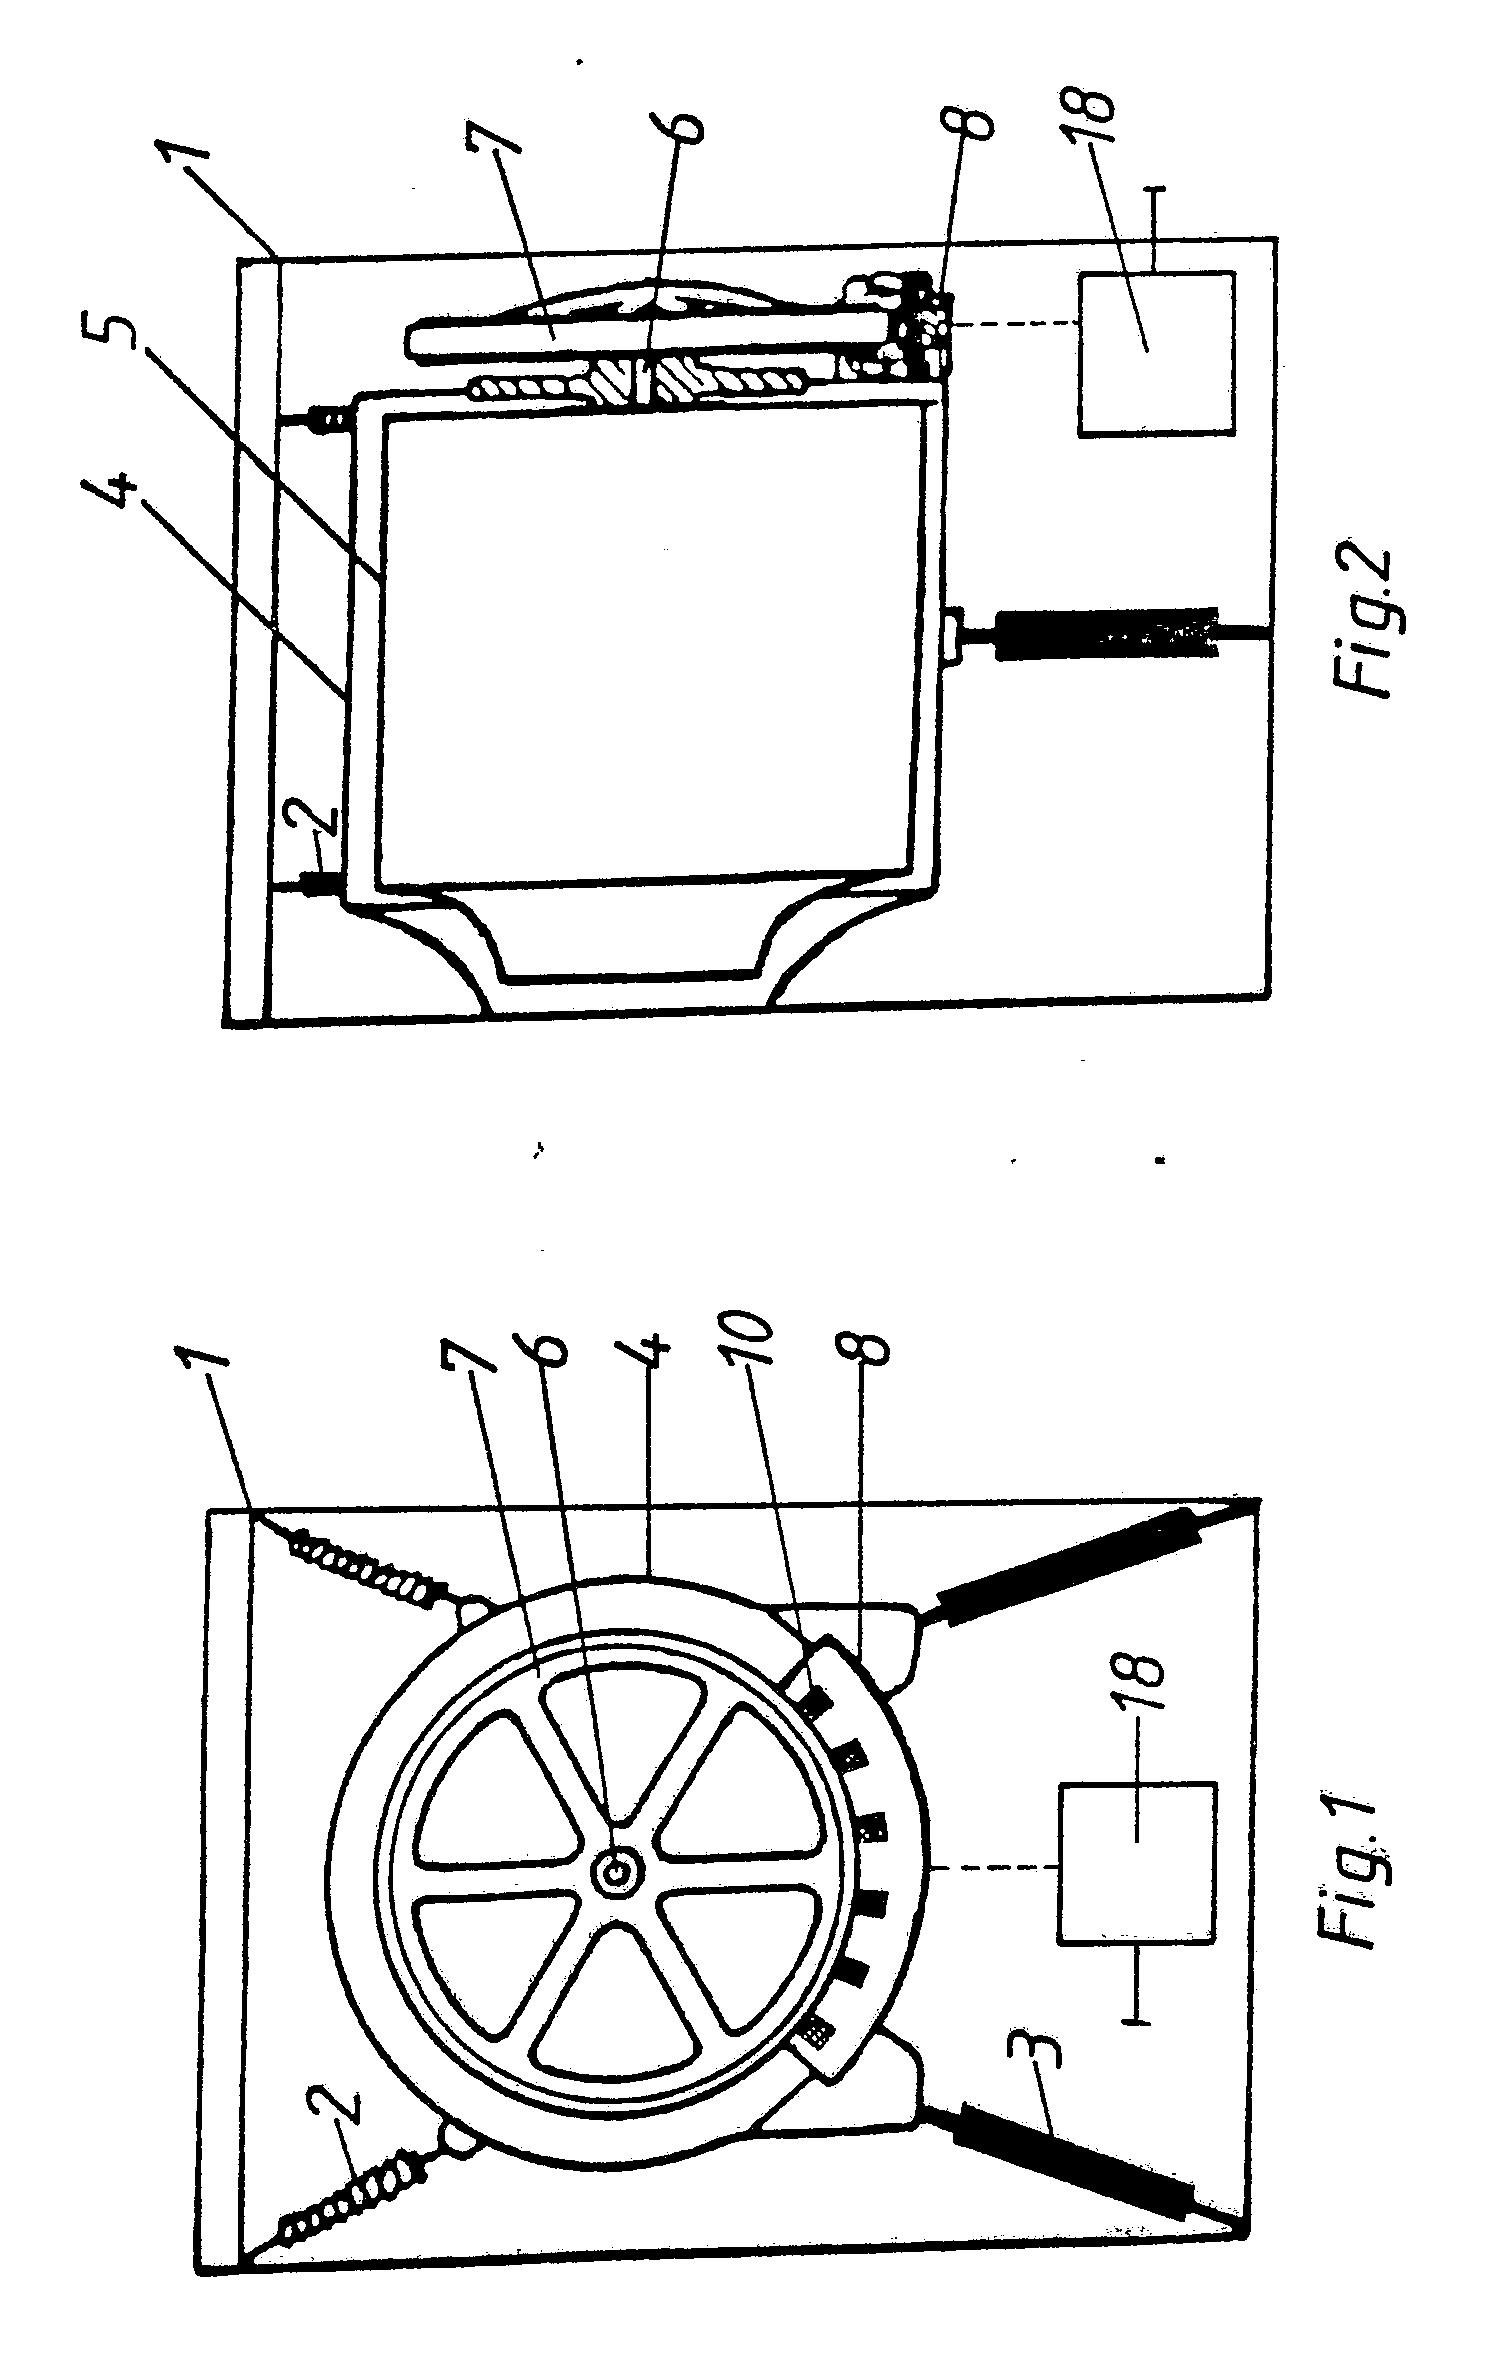 patent ep0350429a2 waschmaschine oder w schetrockner mit einem die w schetrommel direkt. Black Bedroom Furniture Sets. Home Design Ideas